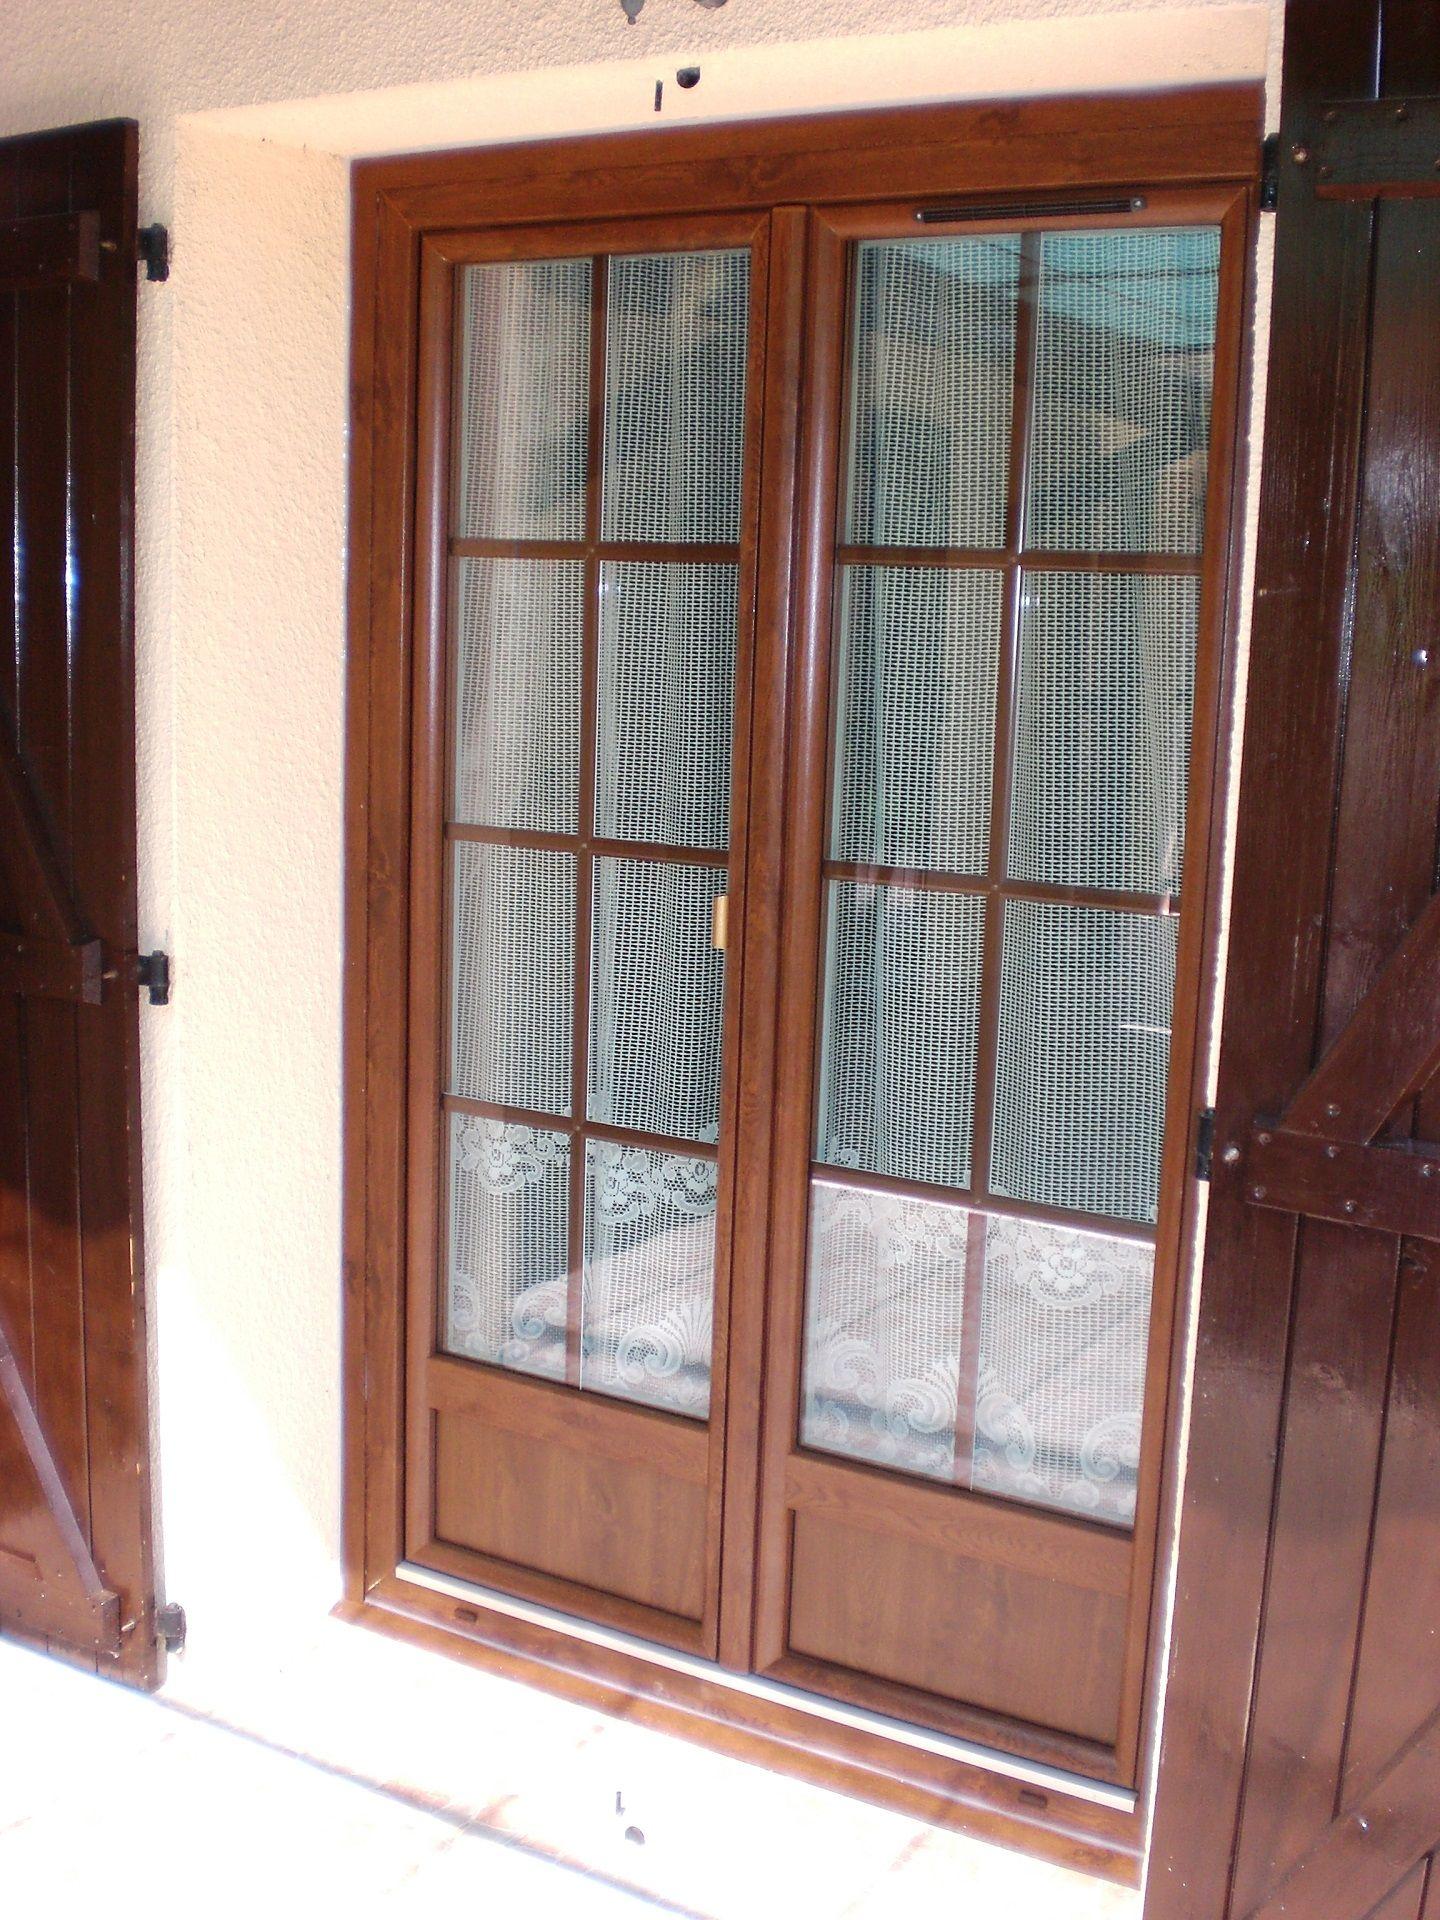 Découvrez La Porte Fenêtre Aspect Bois En PVC Avec Soubassement Et  Croisillons. #fenetre #